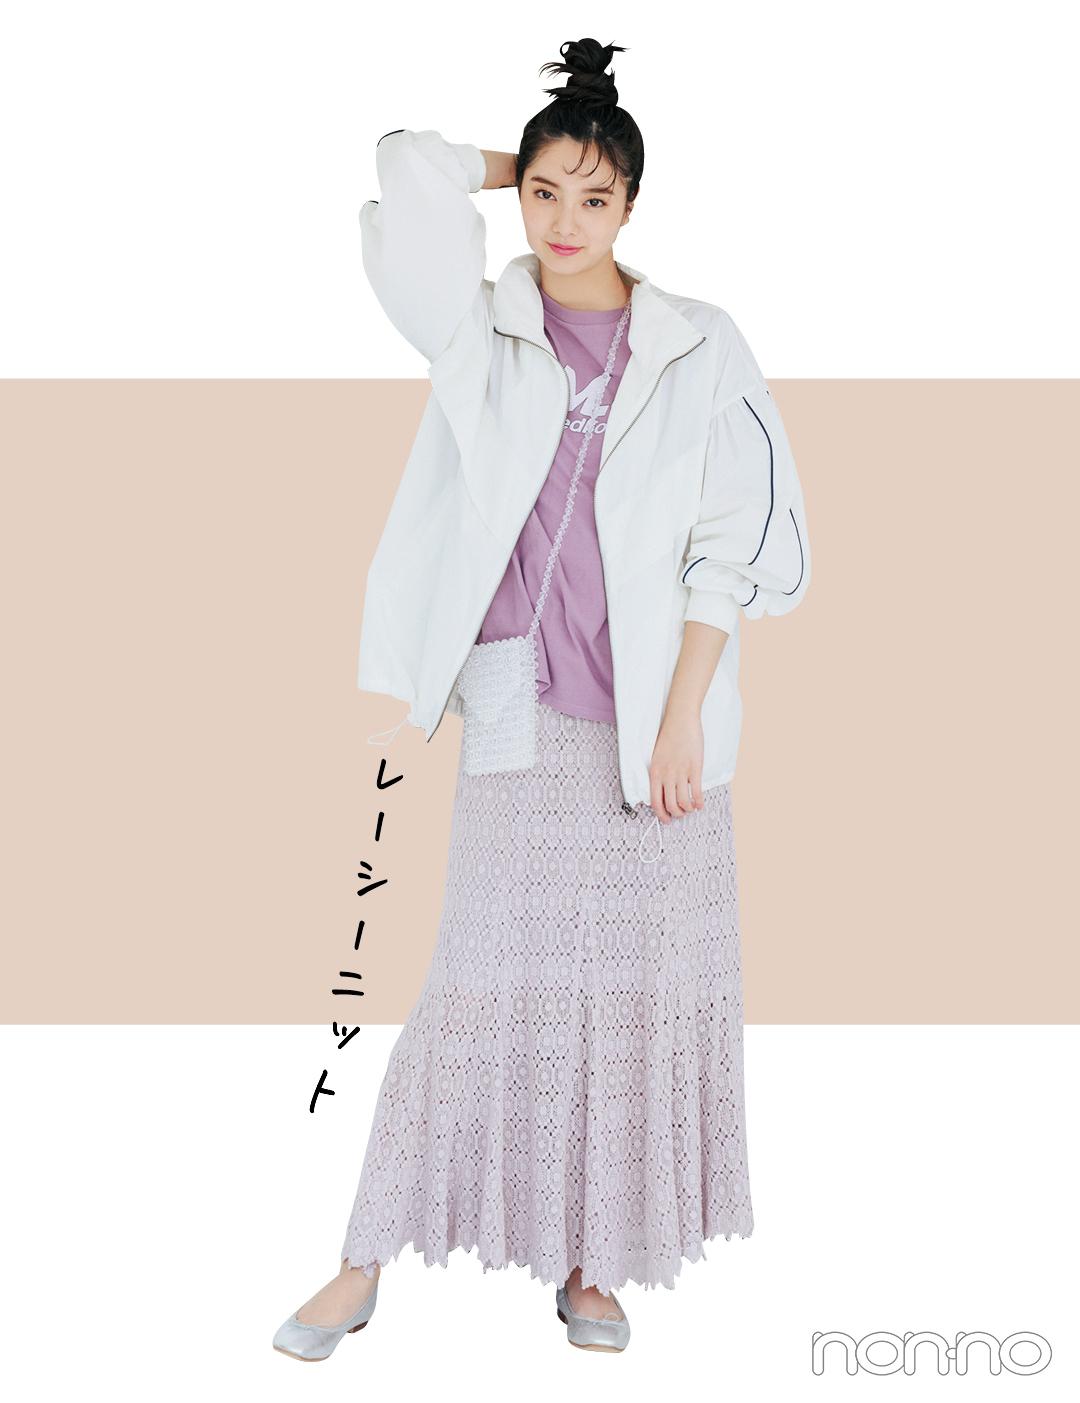 トレンドのあいまいカラーでスタイルアップできるスカートはコレ!_1_2